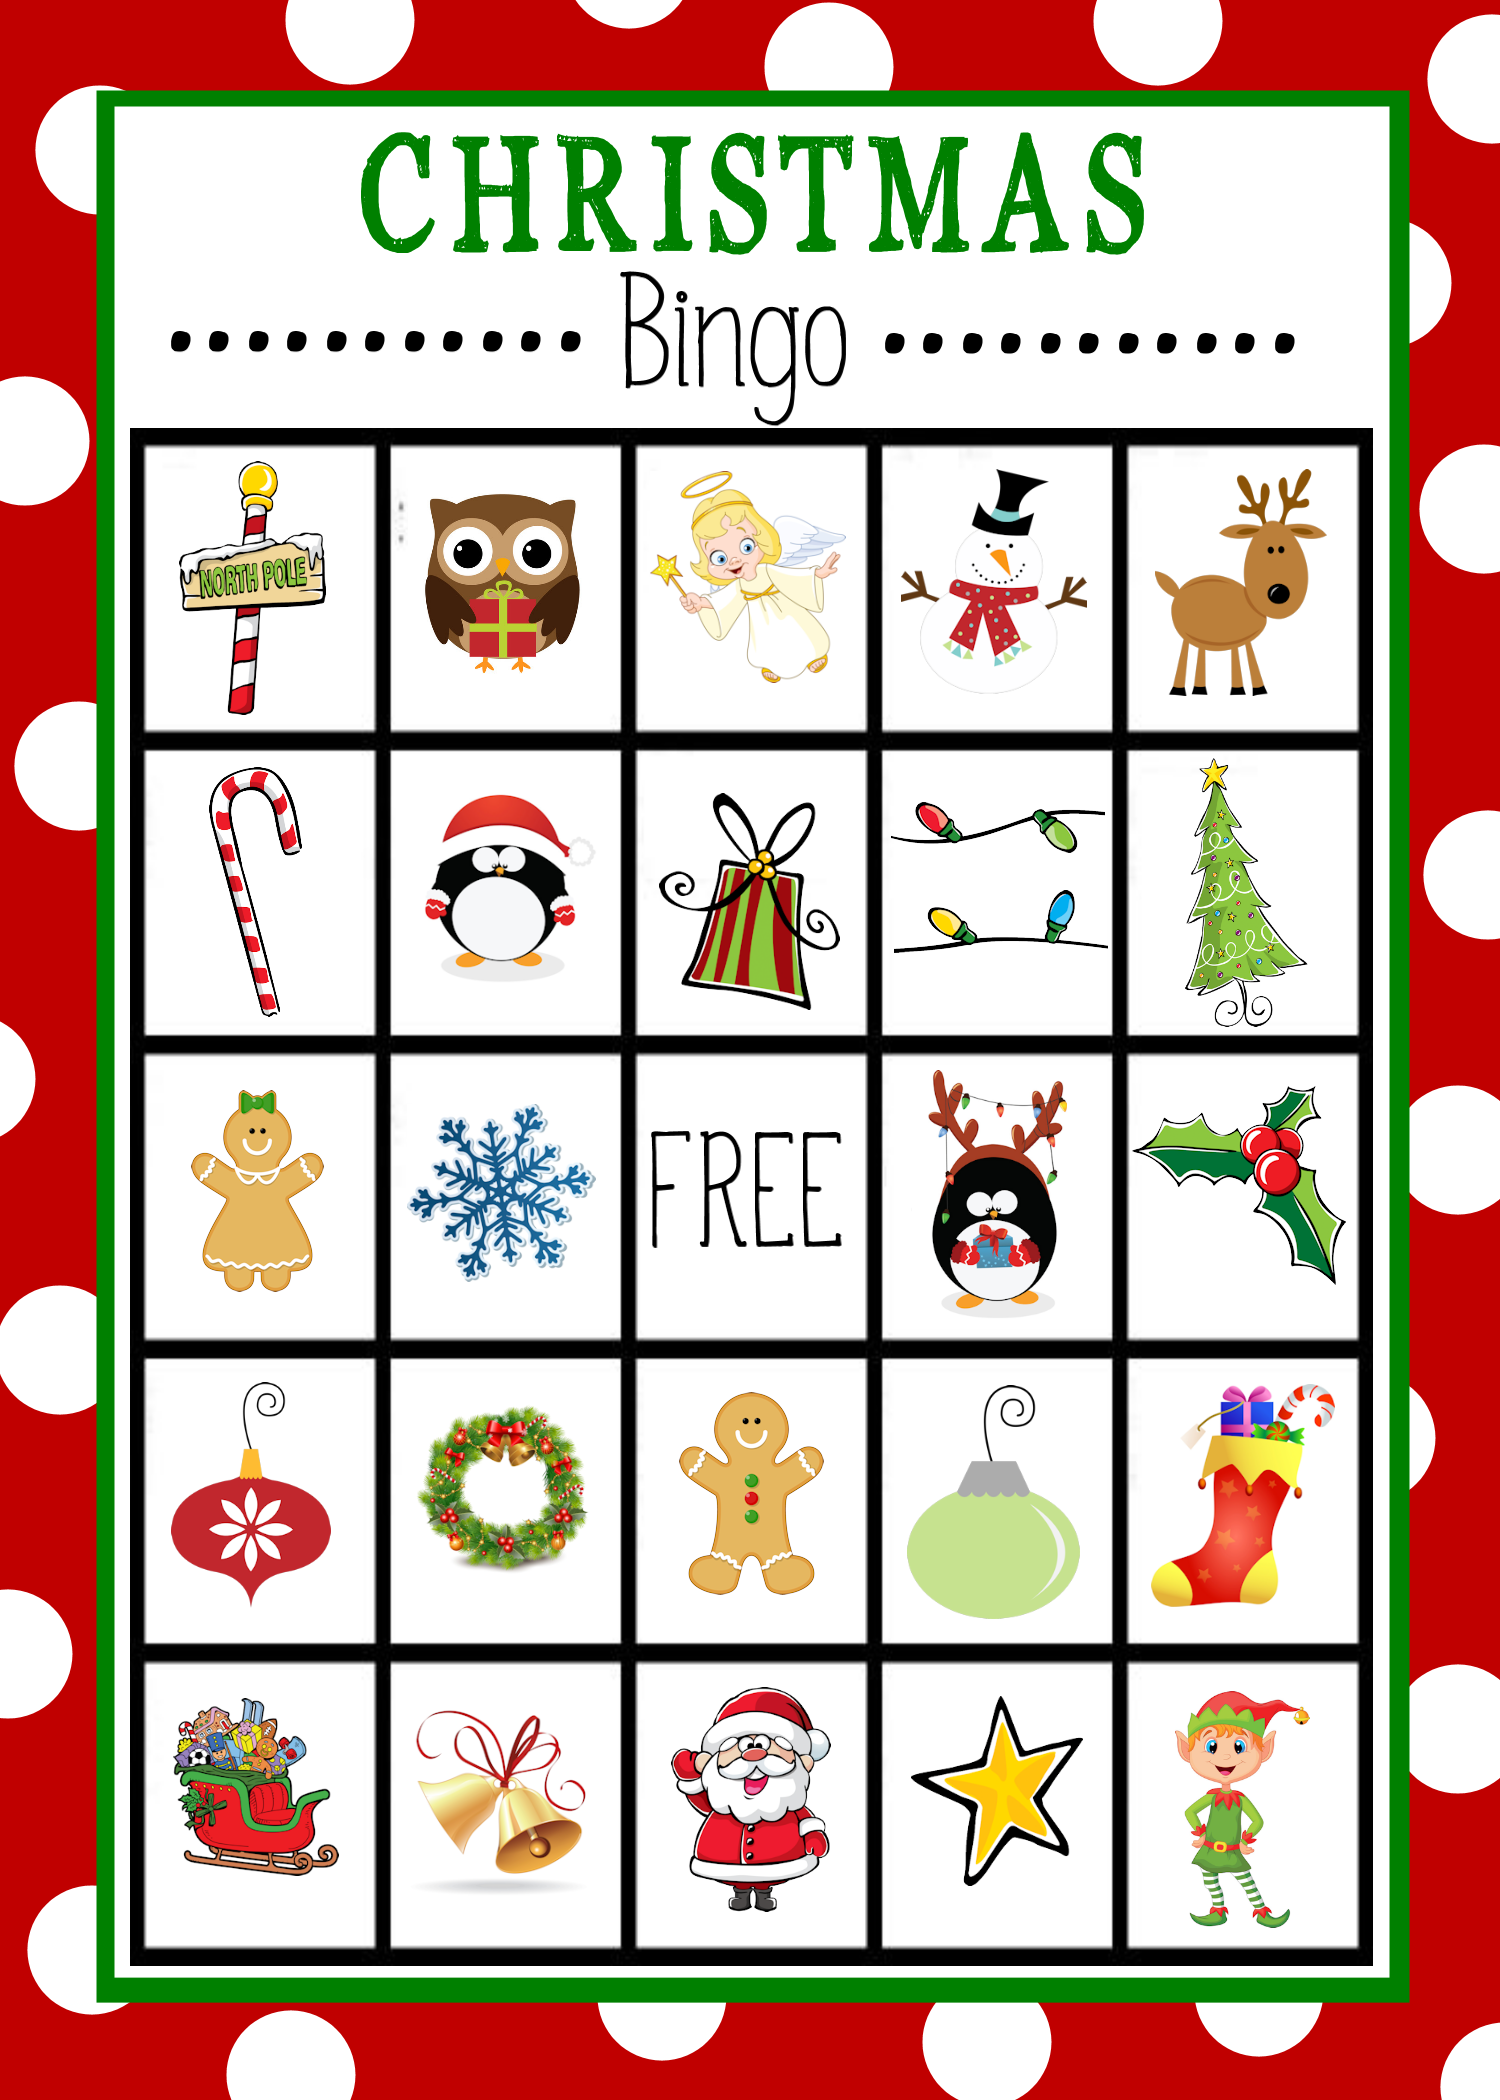 6 Images of Printable Christmas Bingo Cards